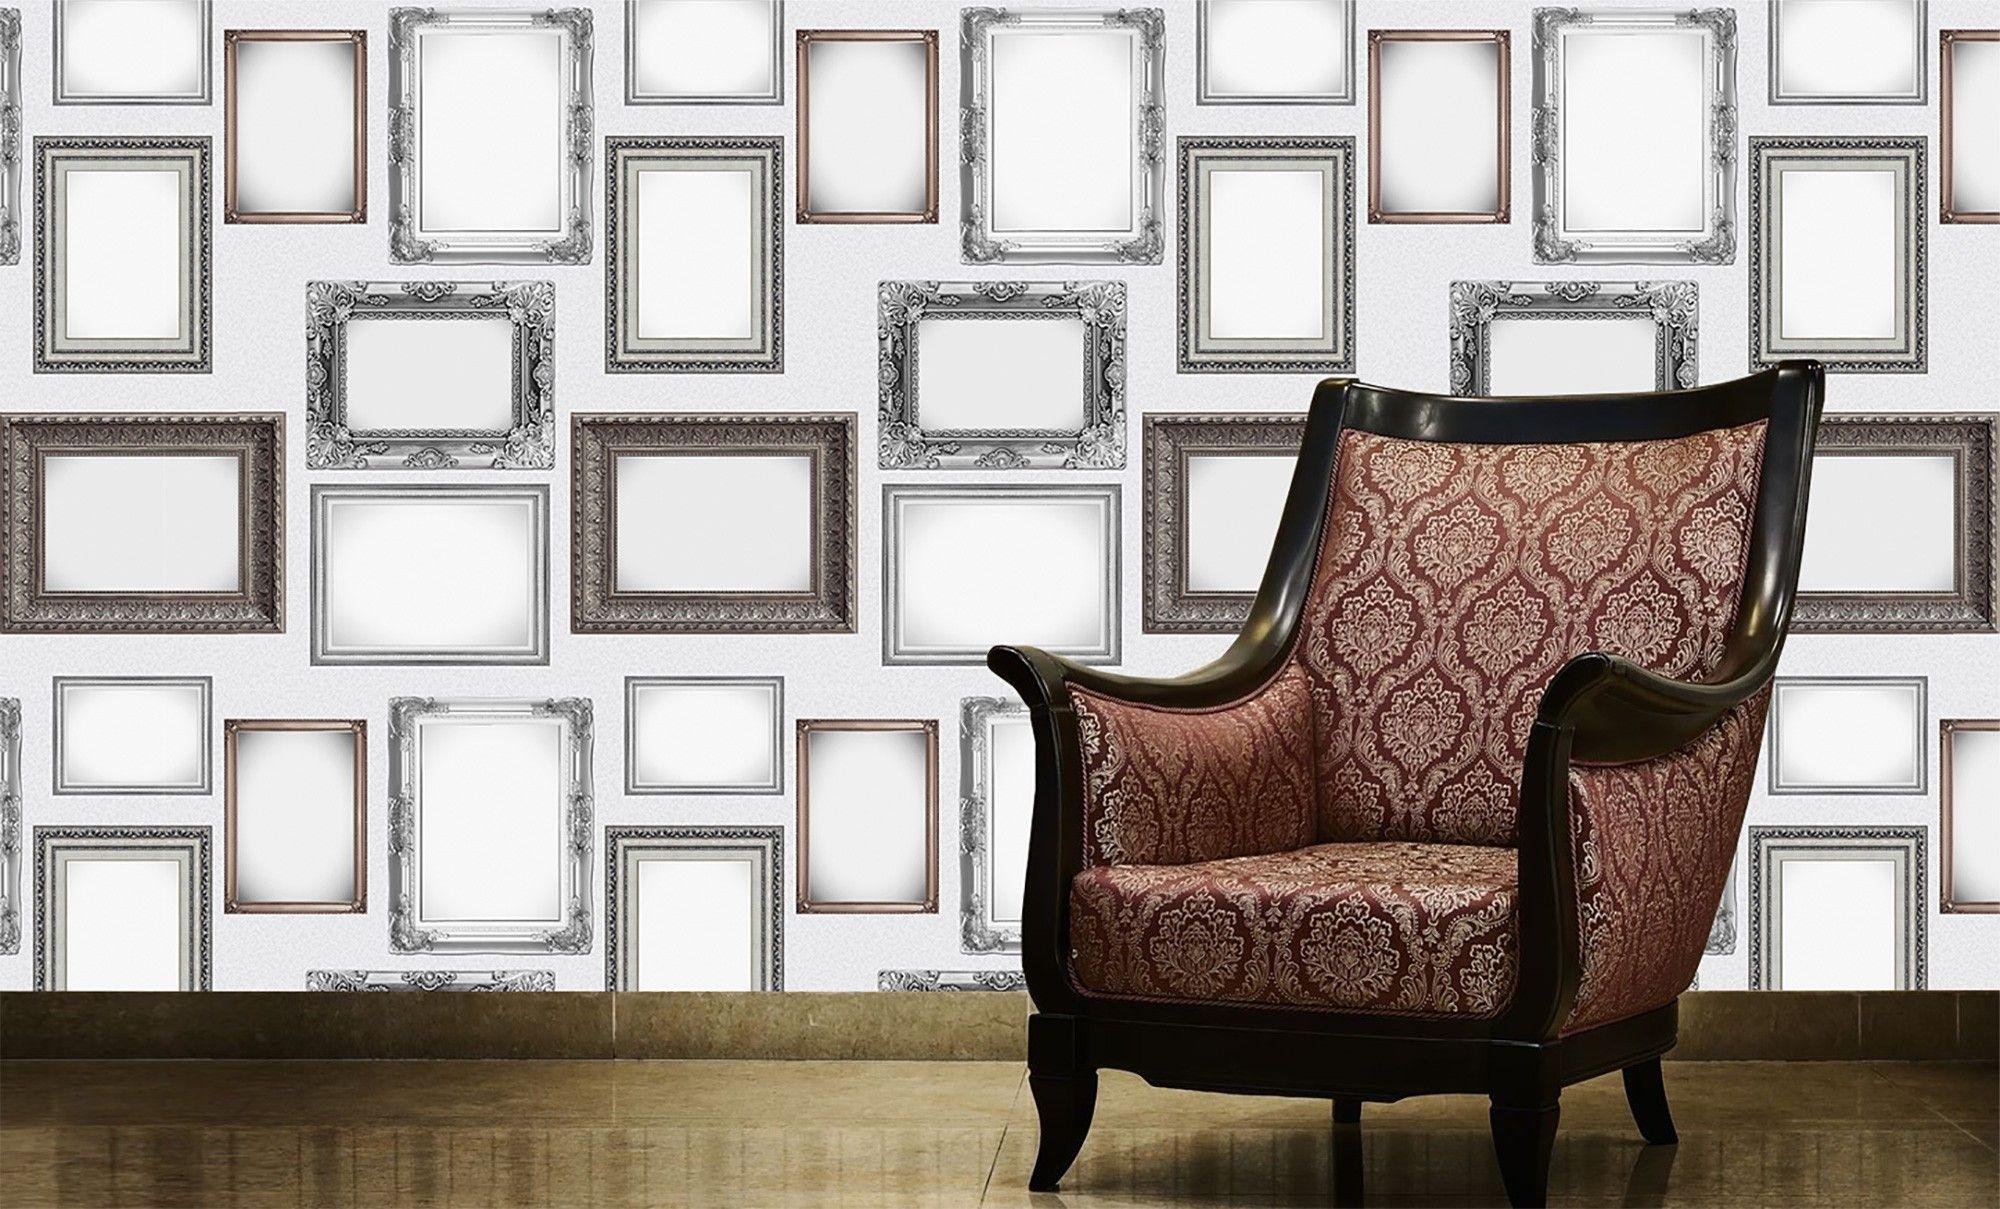 Frames Wallpaper(53cm x 1005cm)